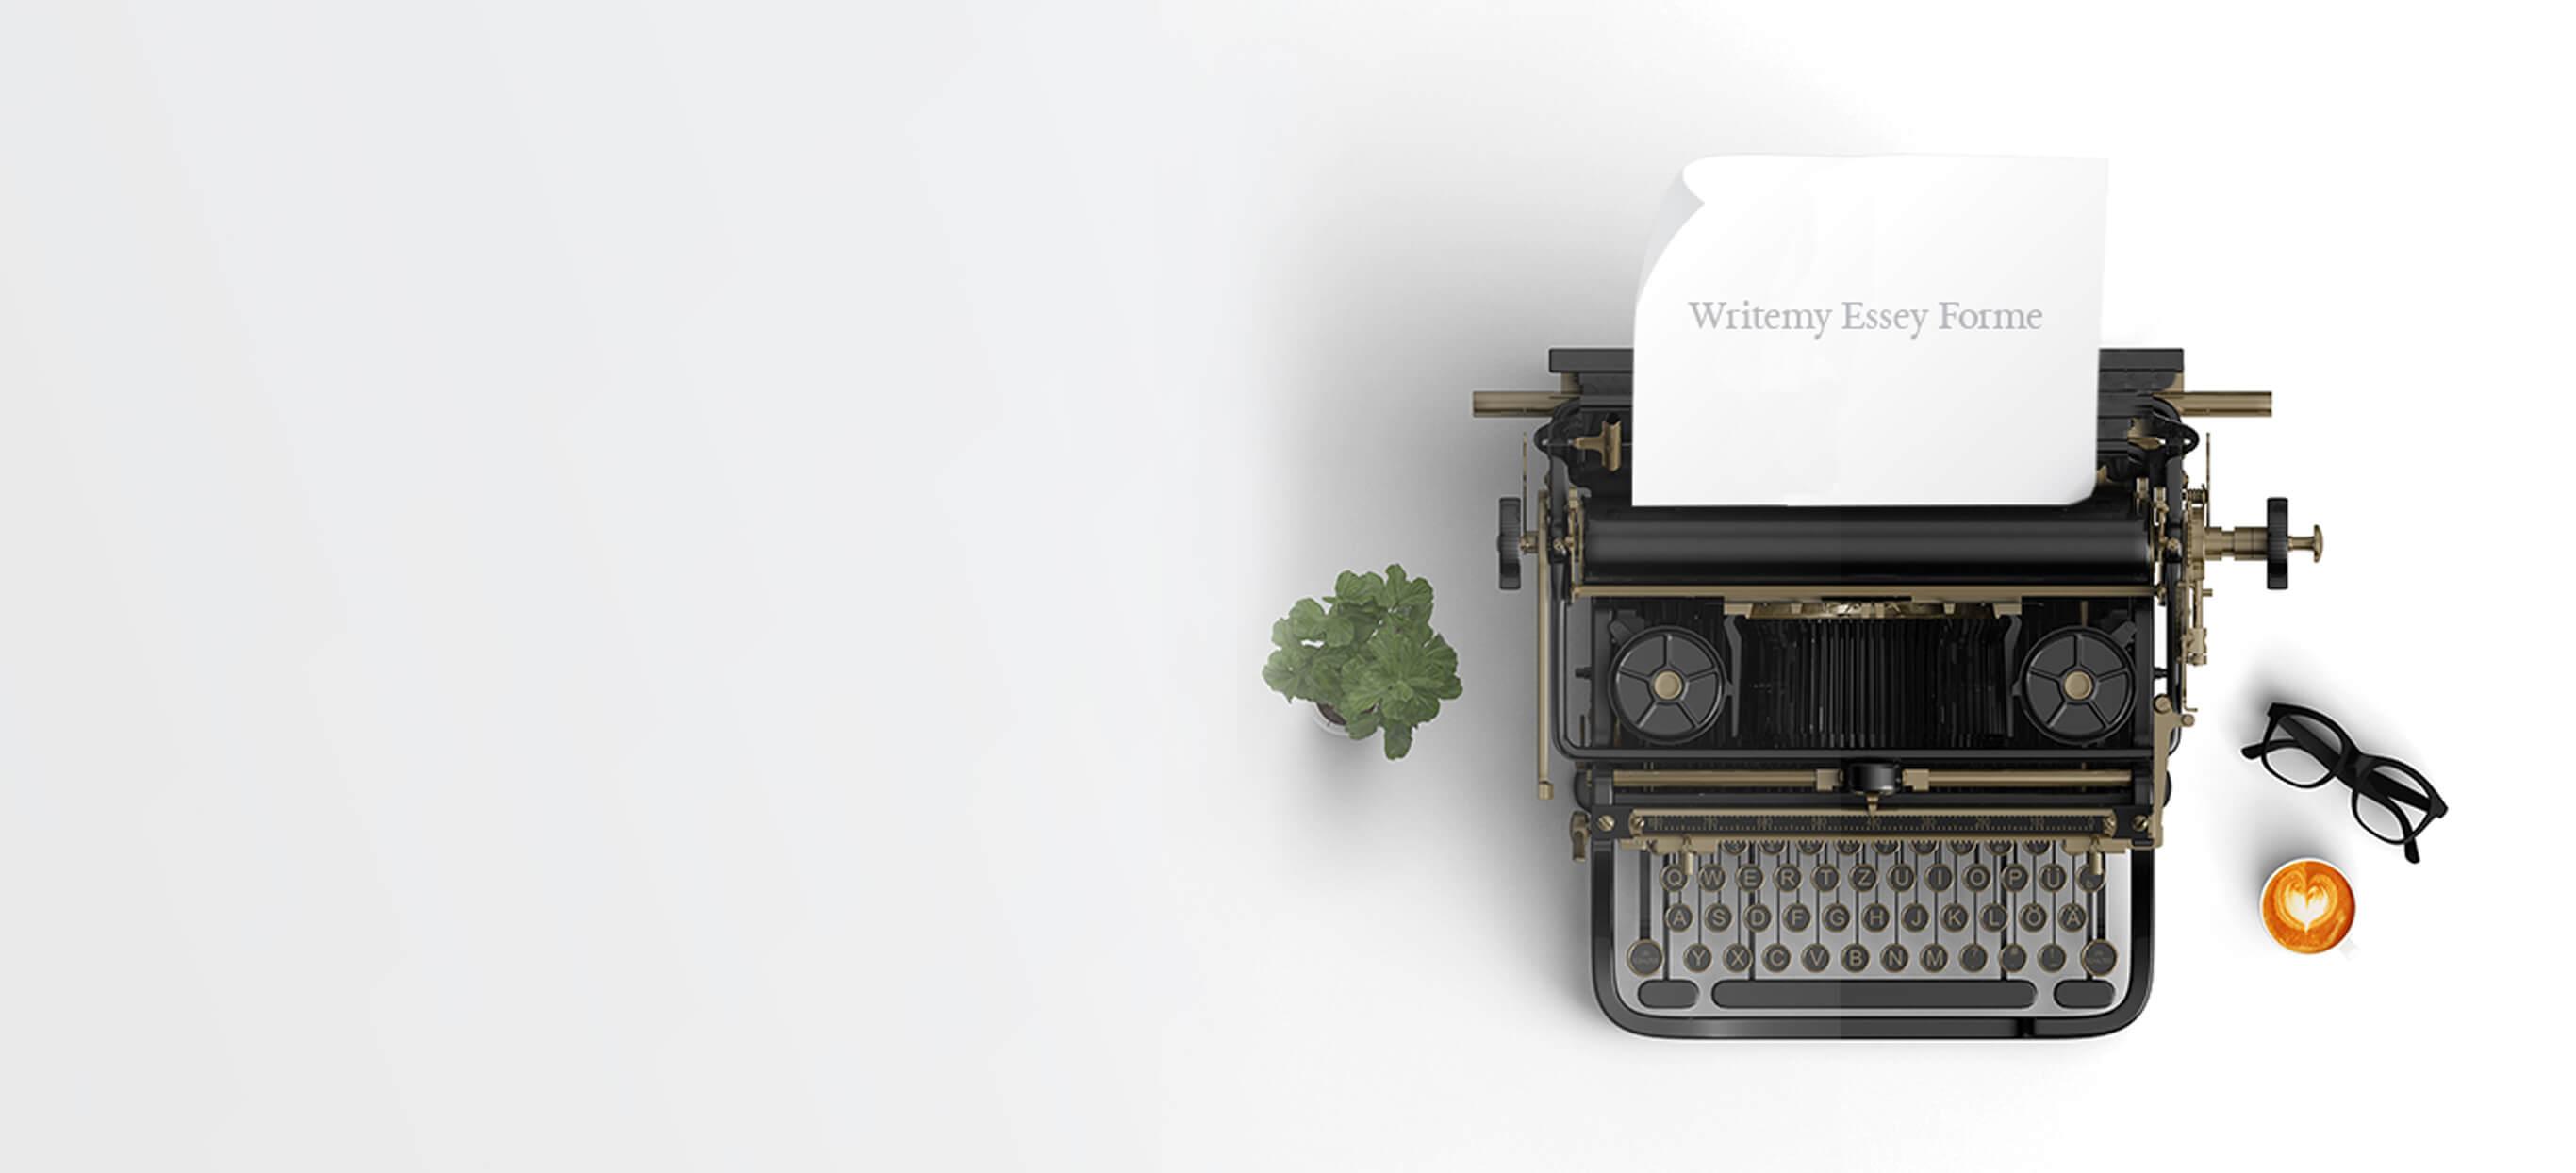 Write my essay for me com reviews